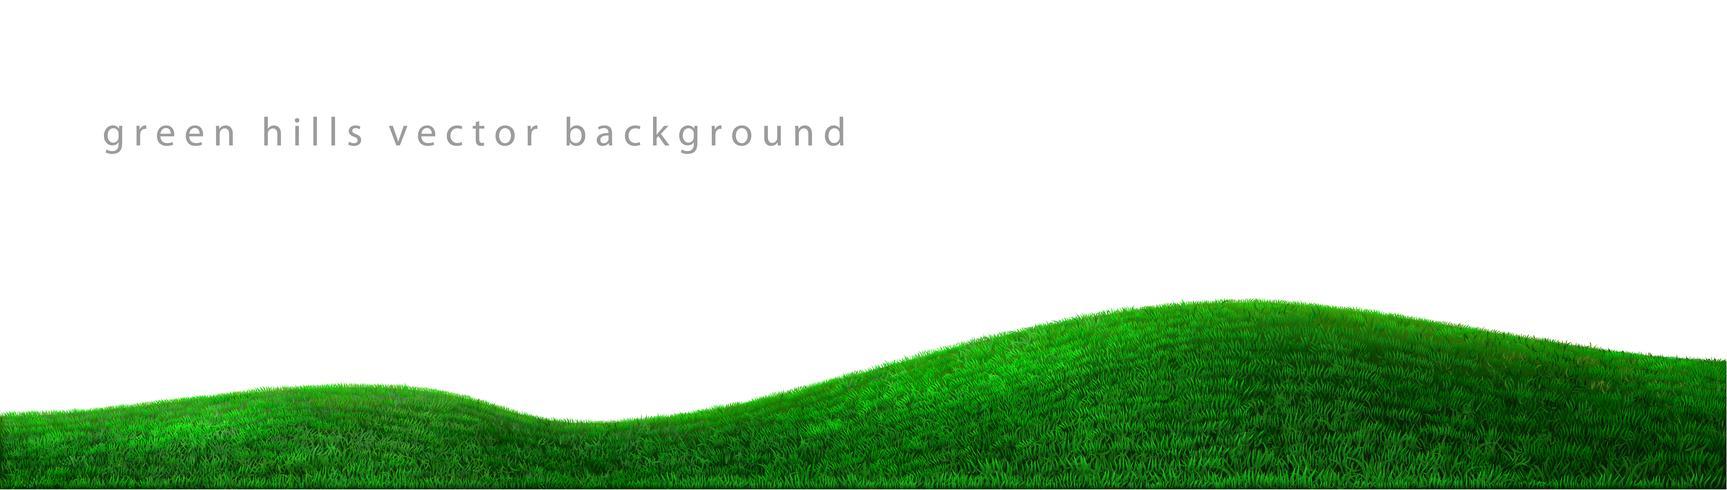 Fondo de colinas verdes vector